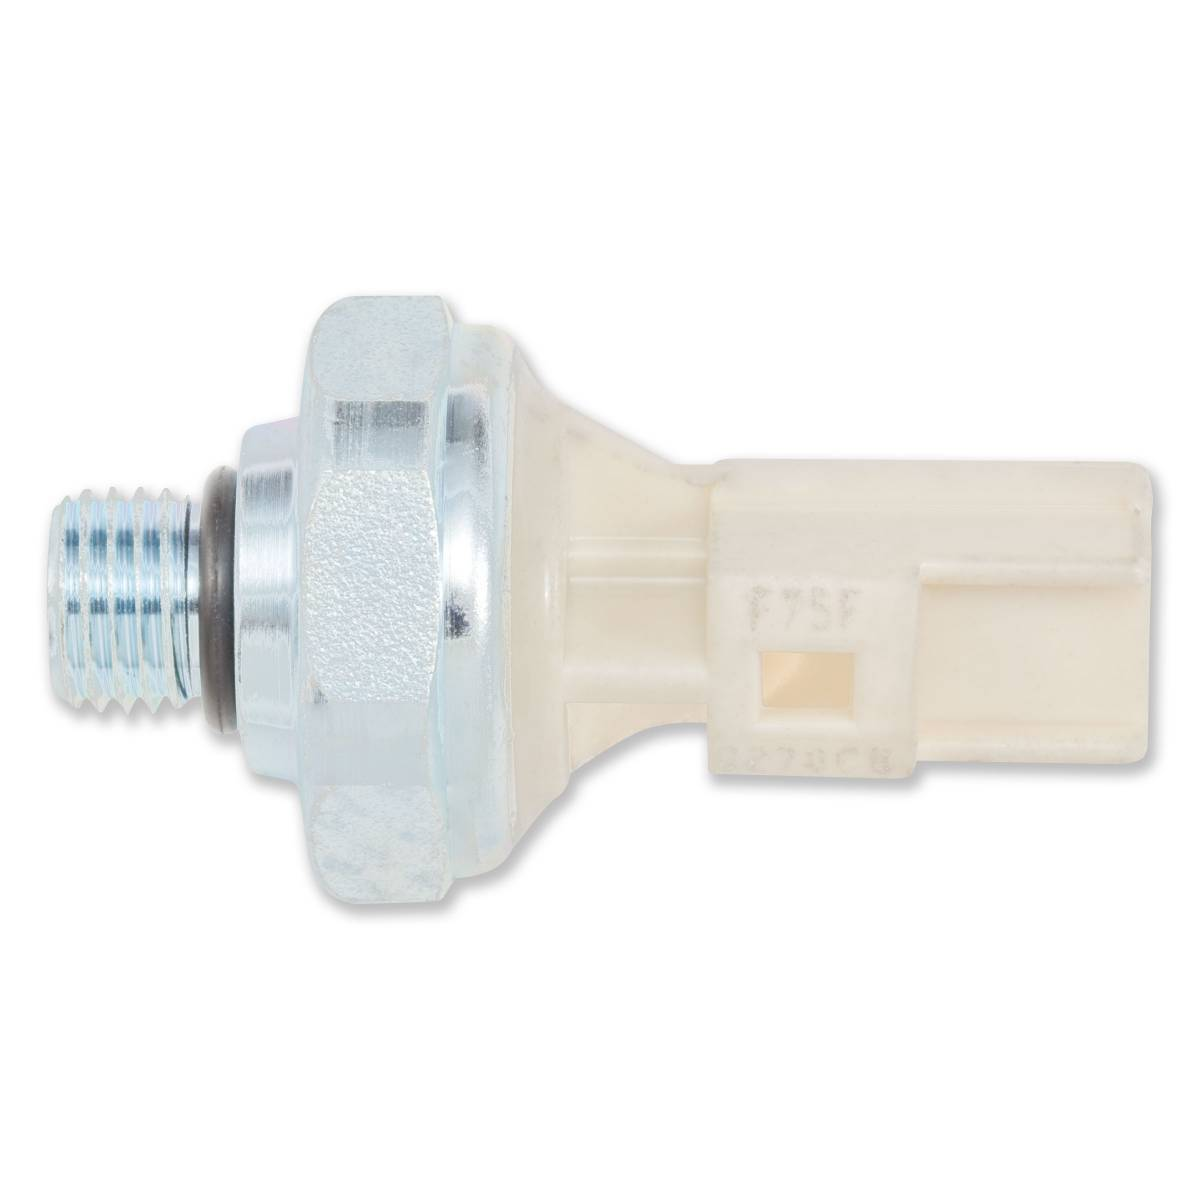 Alliant Power Ap0022 Engine Oil Pressure Eop Switch: Alliant Power AP63435 Engine Oil Pressure (EOP) Sensor